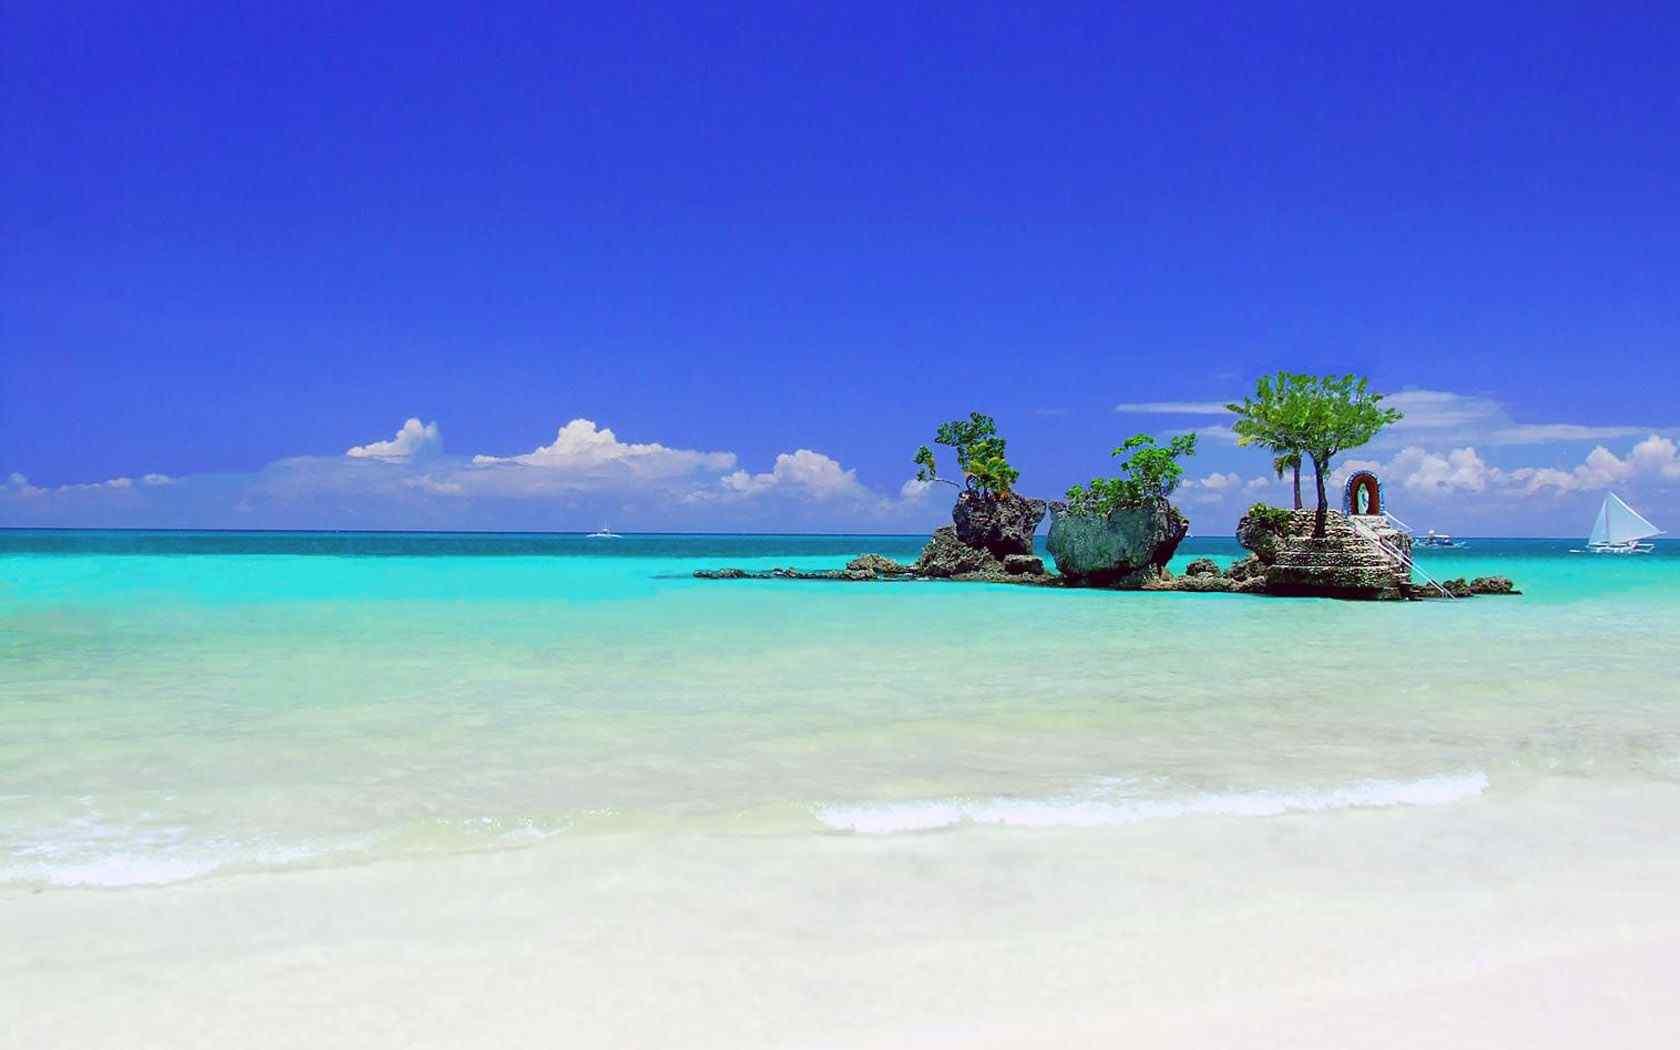 Soggiorno mare Isola di Boracay – Speciale Capodanno